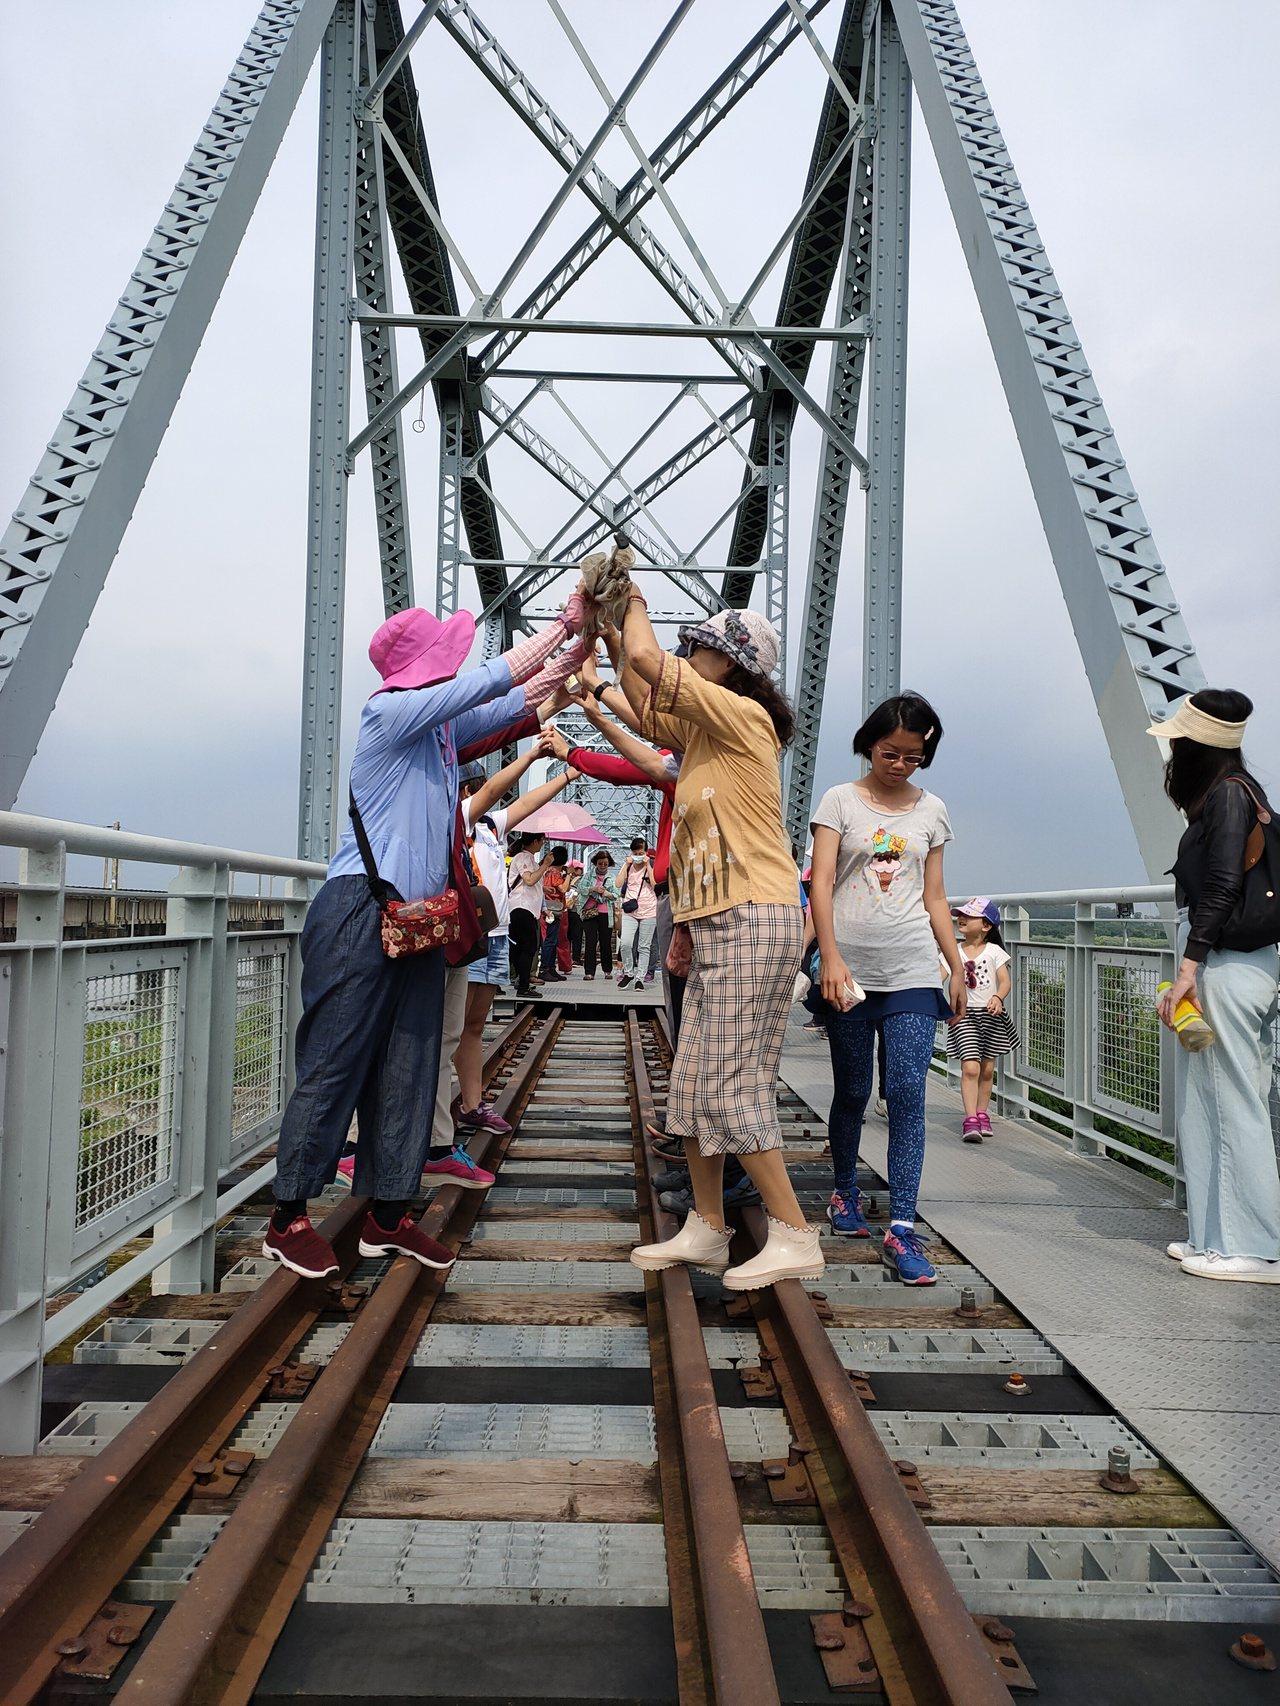 遊客前往大樹舊鐵橋遊玩。記者徐白櫻/翻攝